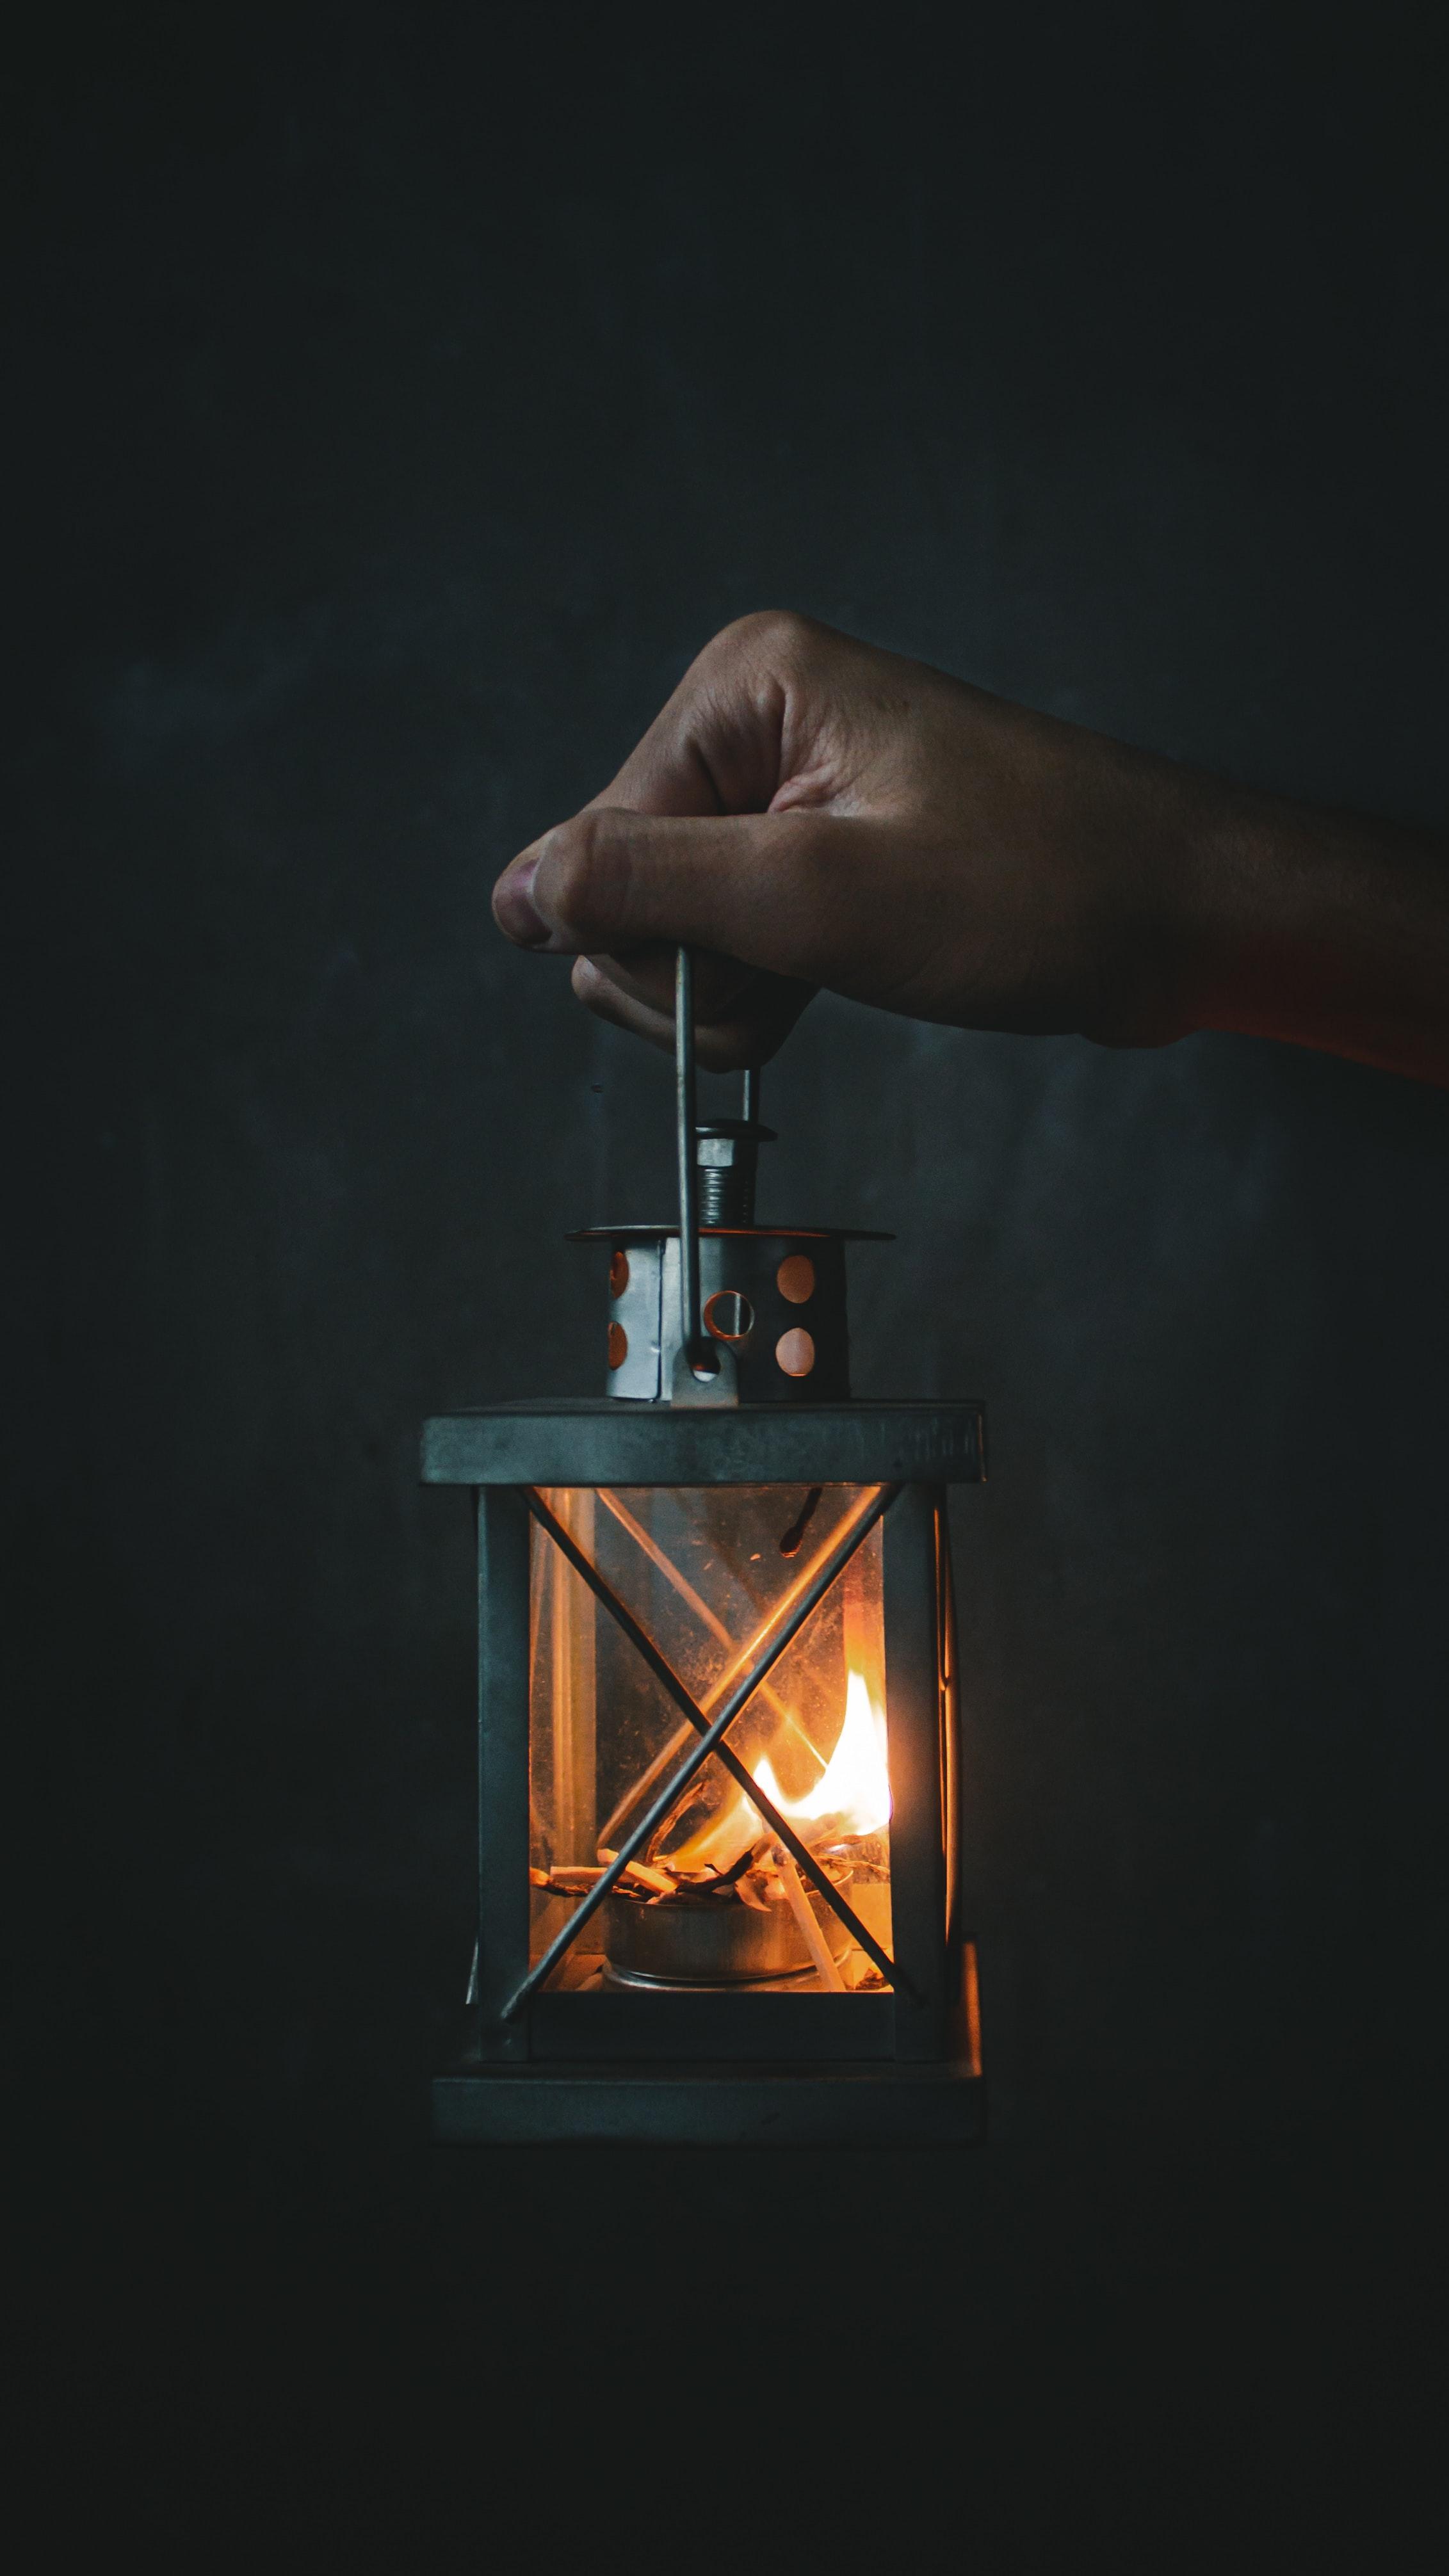 155752 免費下載壁紙 杂项, 灯, 灯笼, 火, 火焰, 手, 手部, 辉光, 发光 屏保和圖片